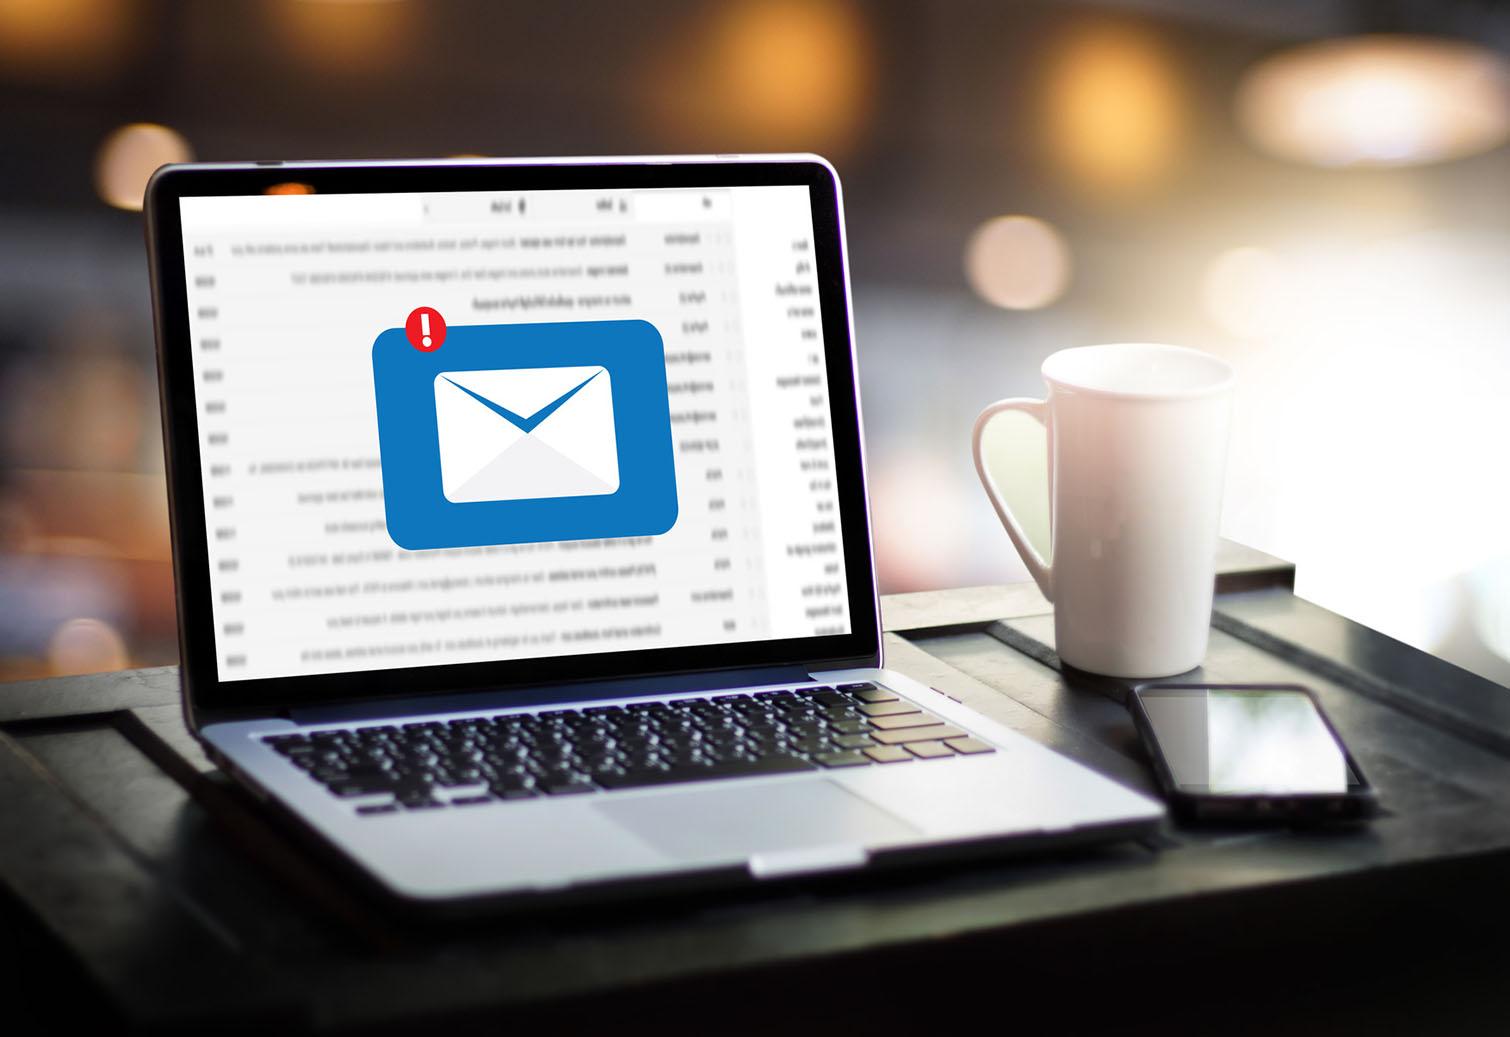 Laptop mit Symbol für ankommende E-Mail